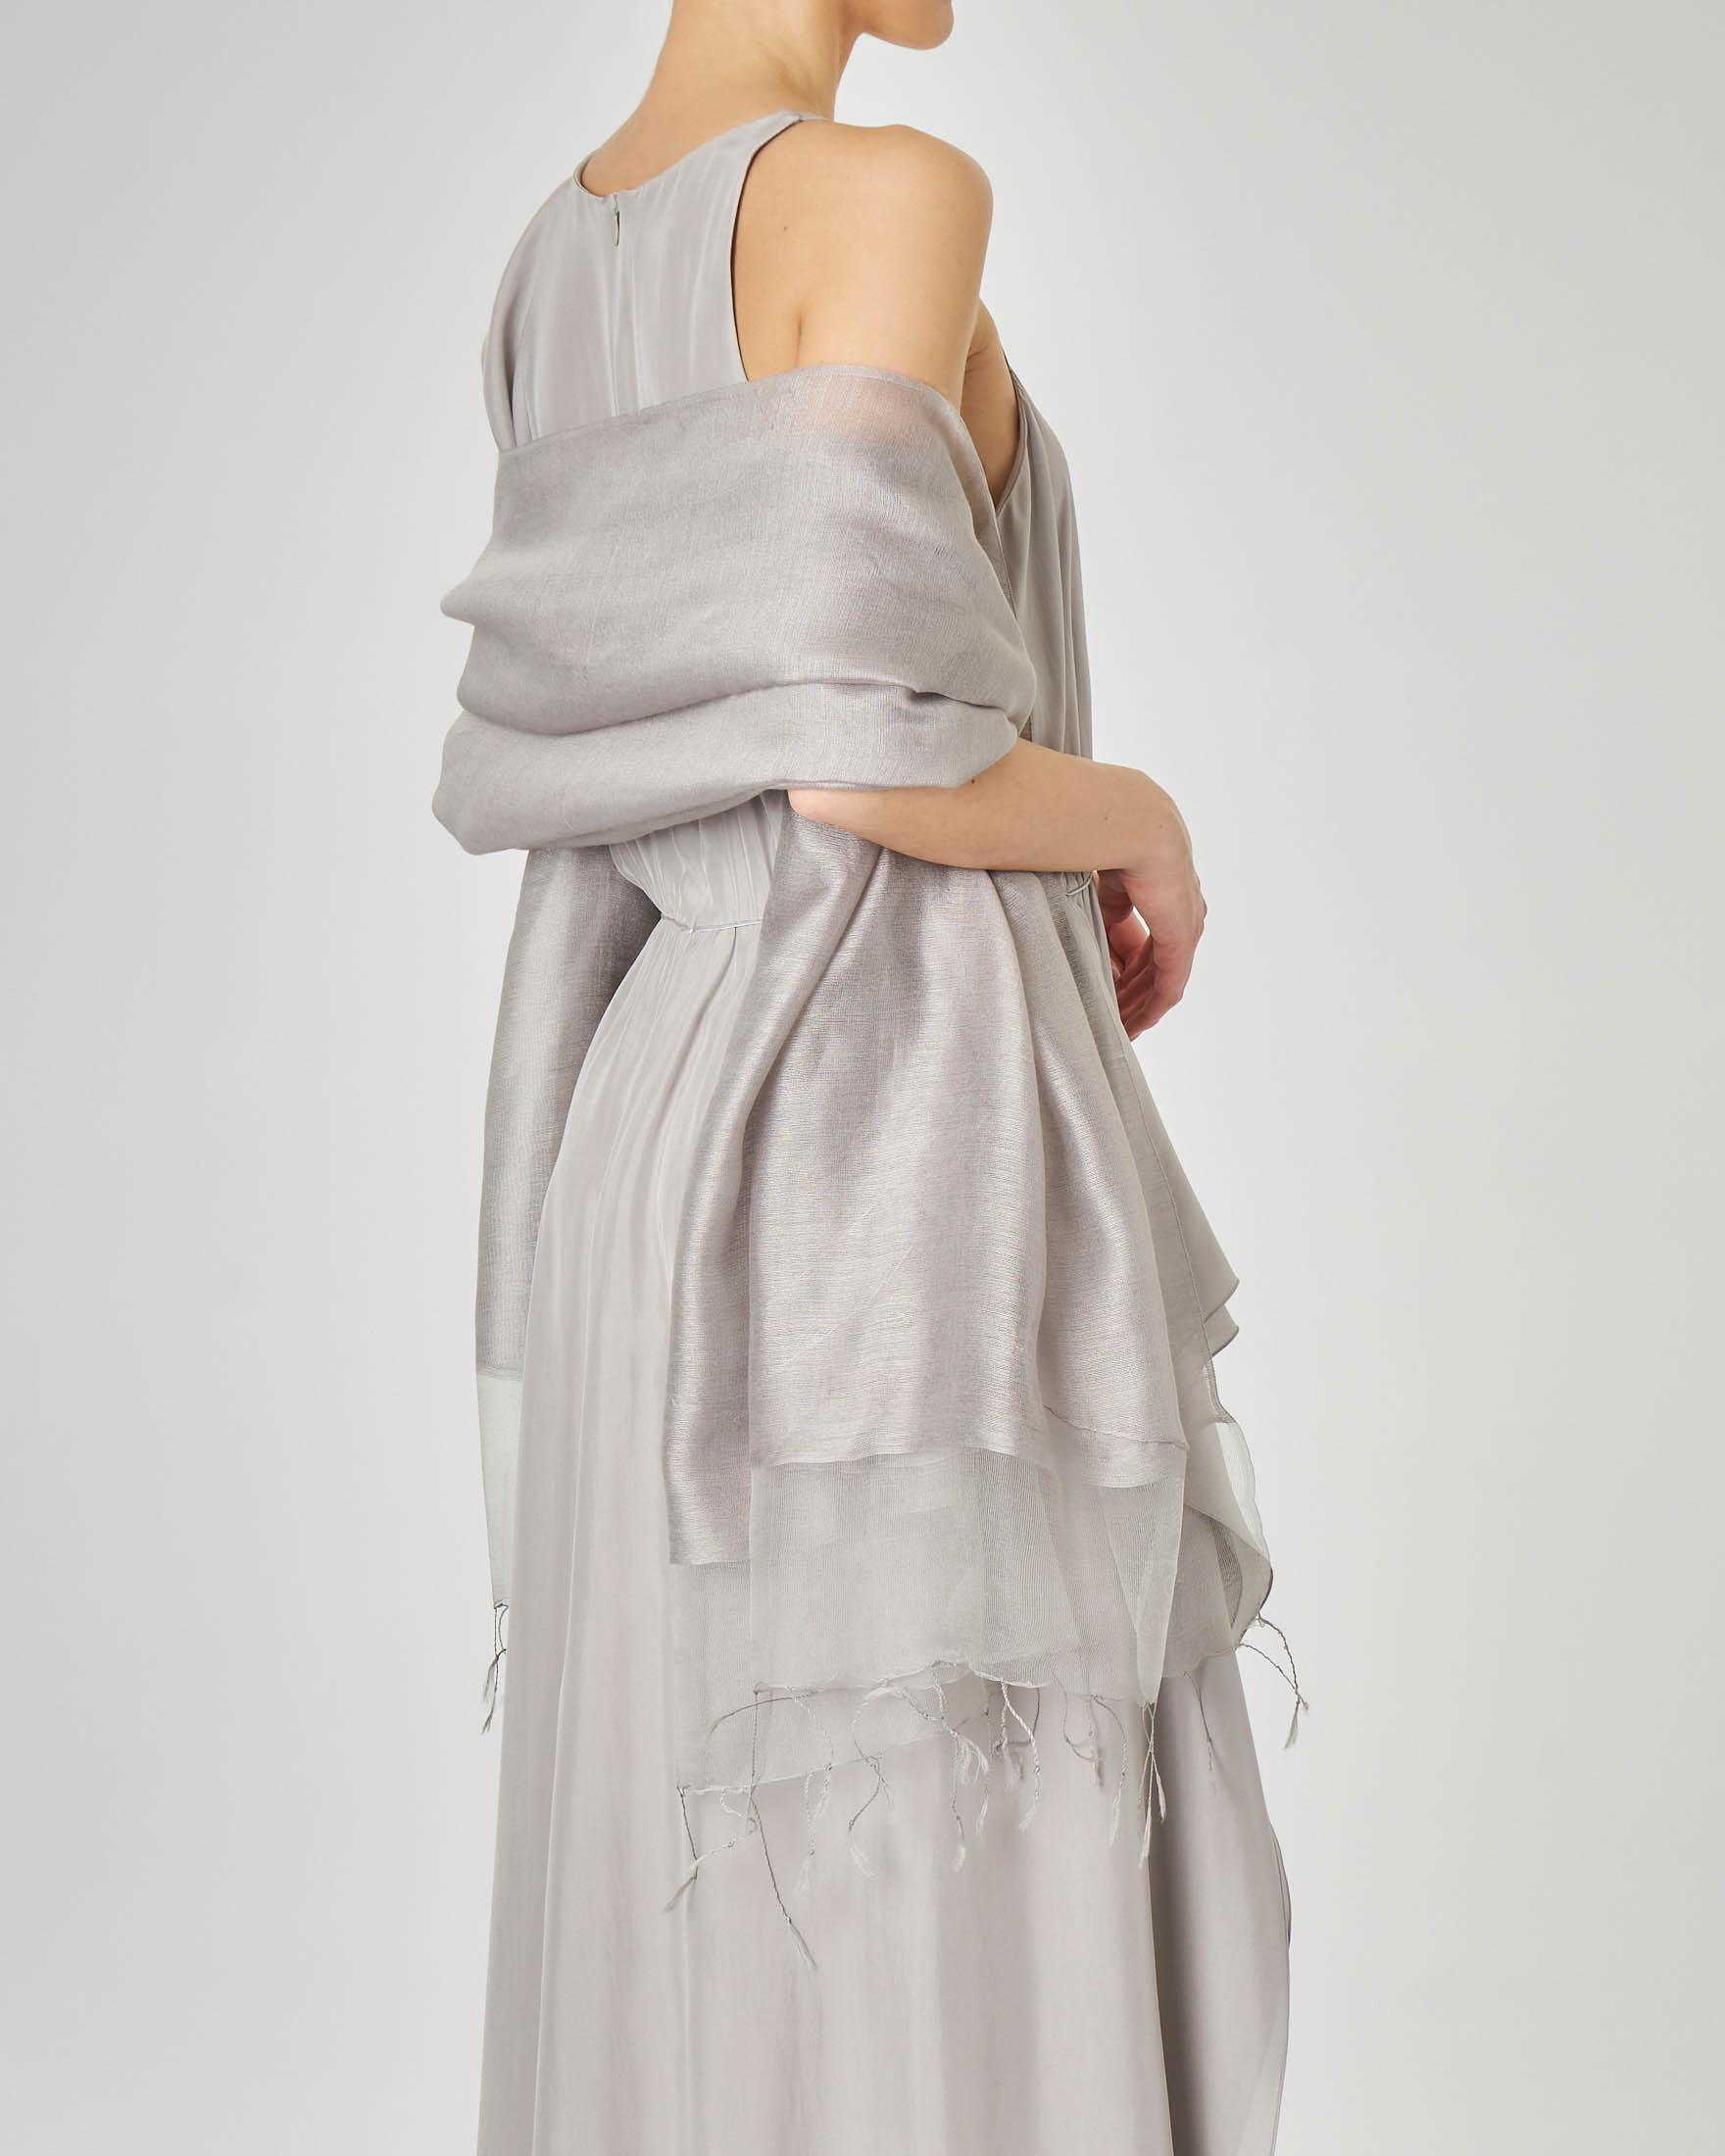 Stola in garza di viscosa grigia misto seta con fascia in tonalità più chiara